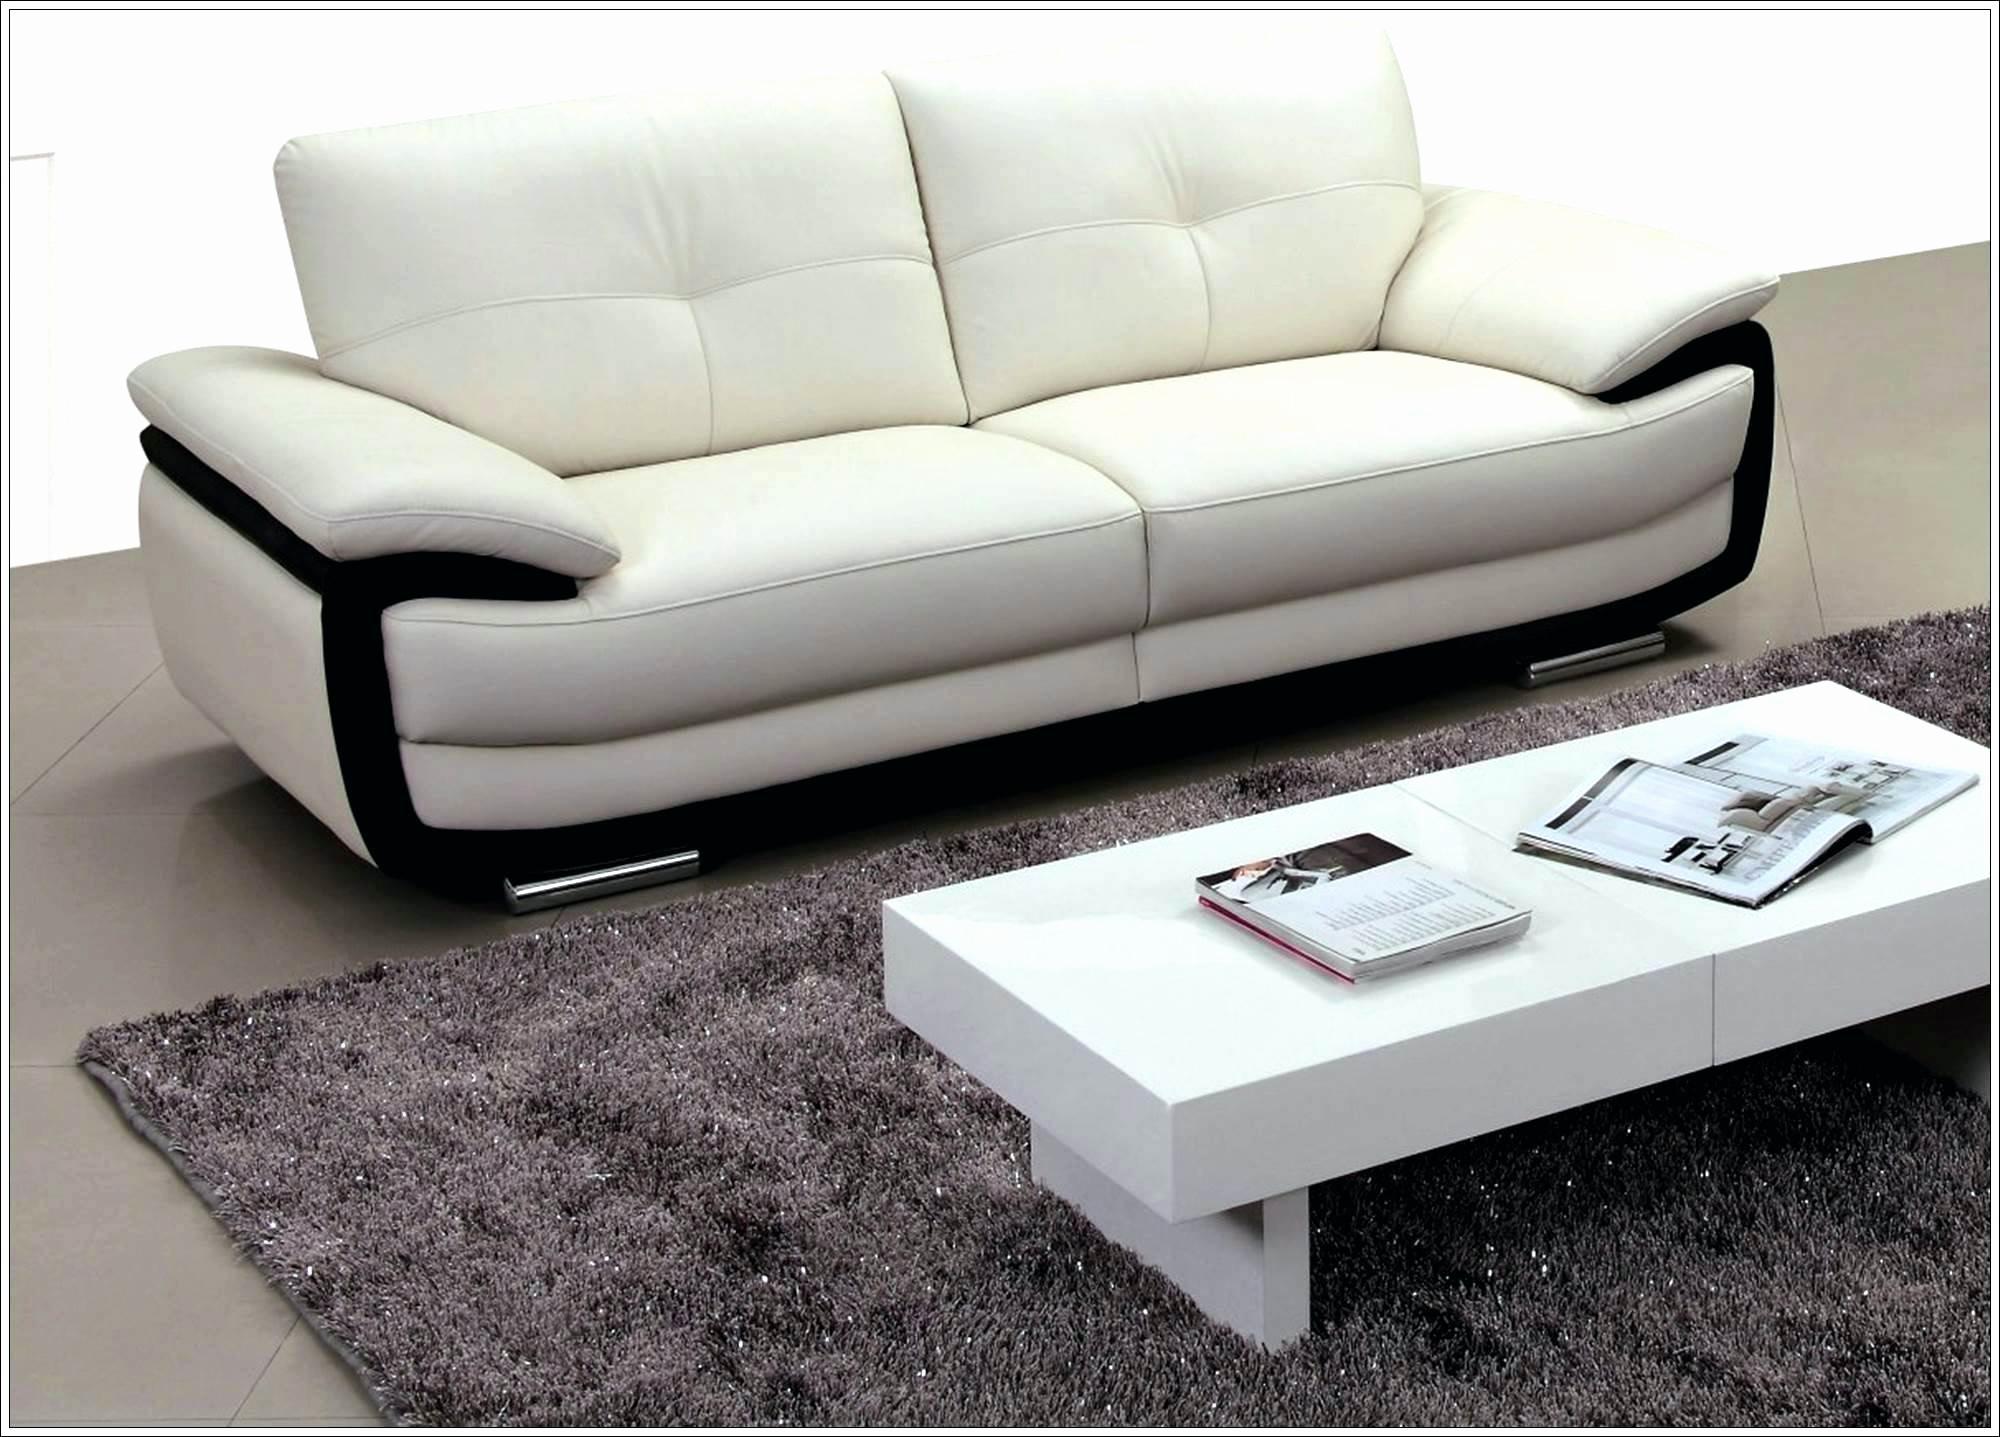 Canapé Relax Electrique Pas Cher Inspirant Stock Canap Convertible 3 Places Conforama 11 Lit 2 Pas Cher Ikea but